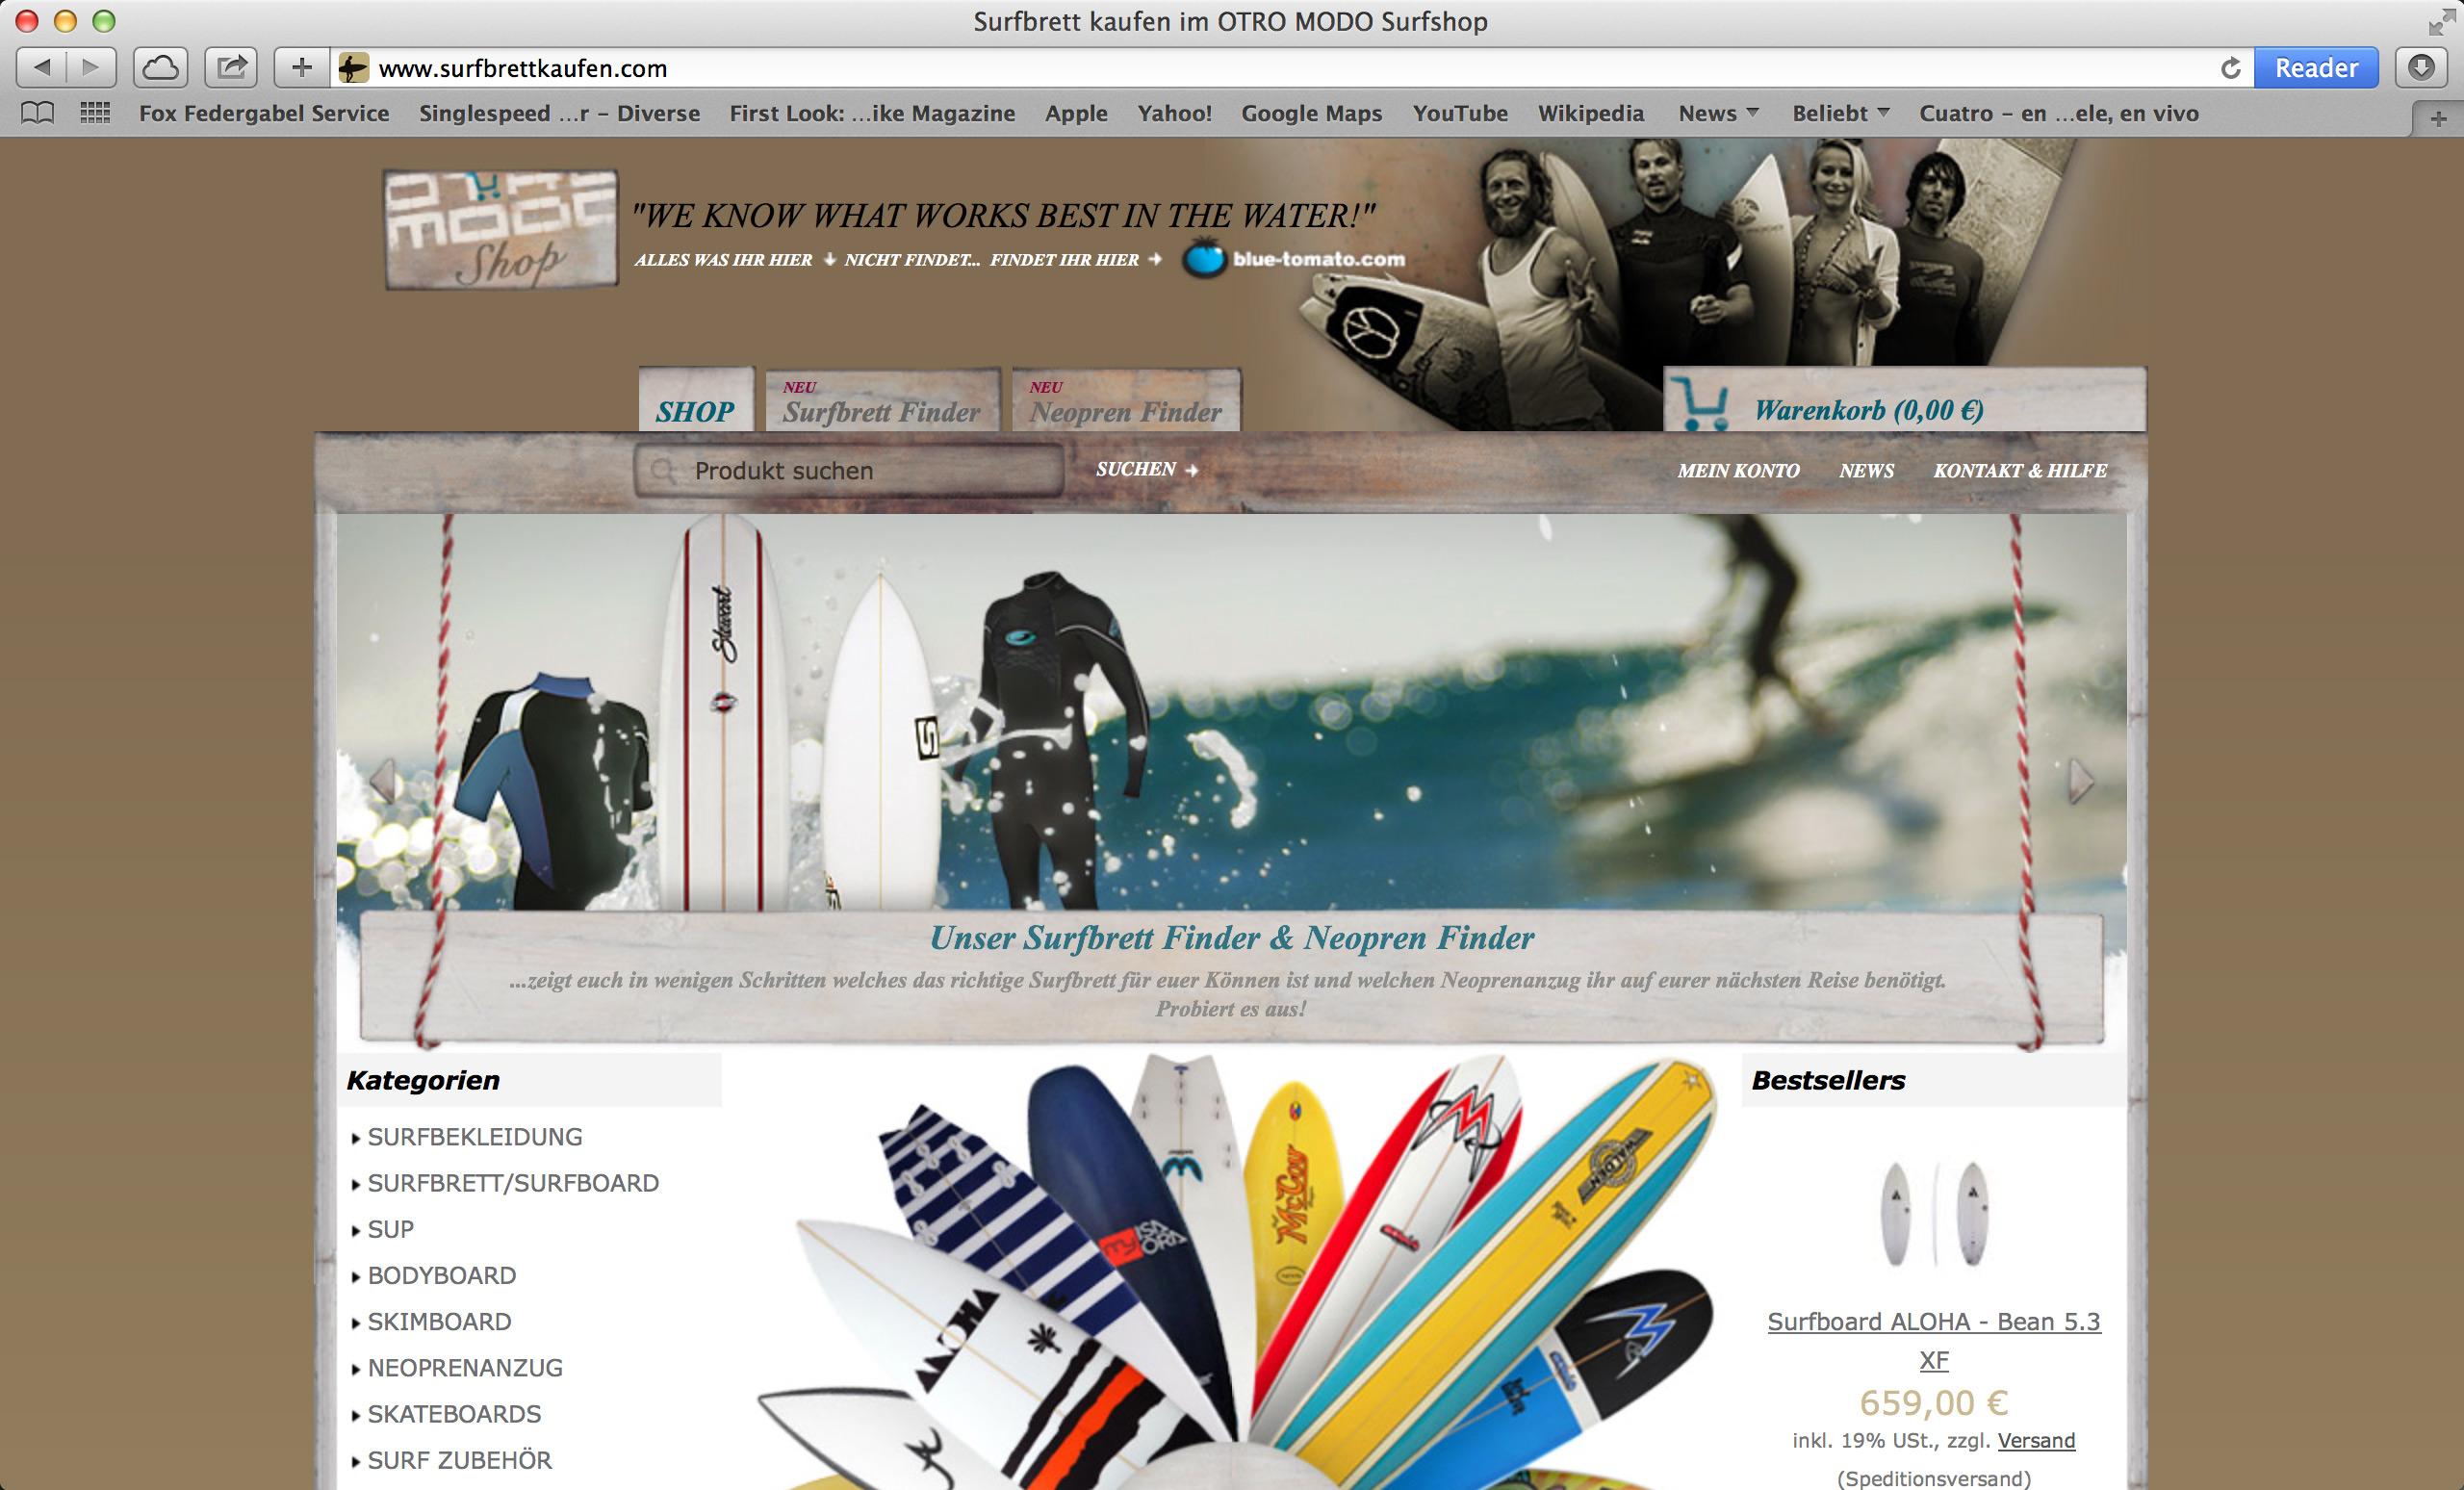 OTRO-MODO-Surfshop-surfbrettkaufen3